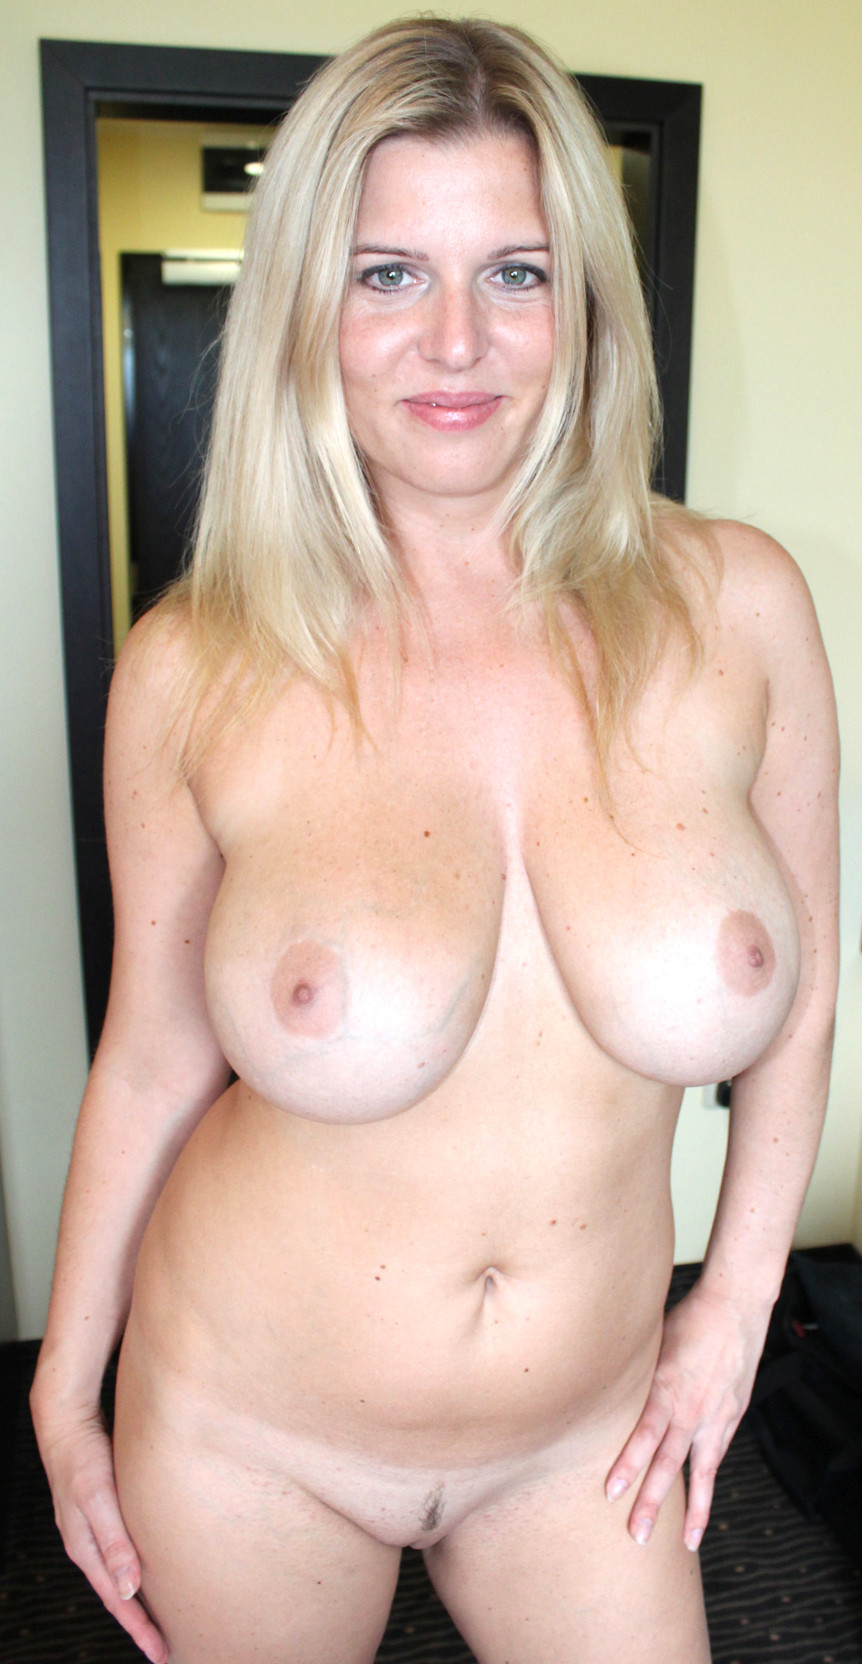 Amateur blonde milf pussy